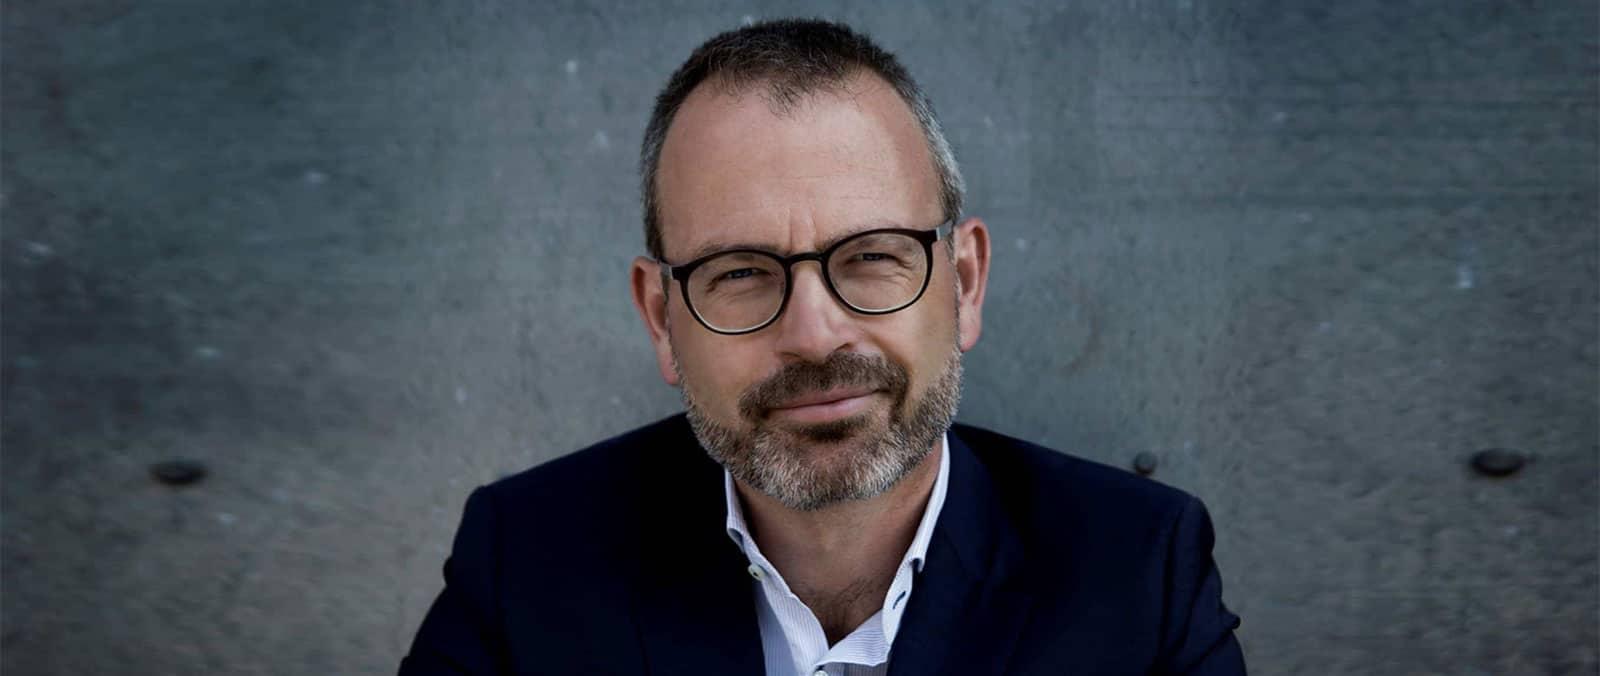 Søren Bregenholt wide portrait